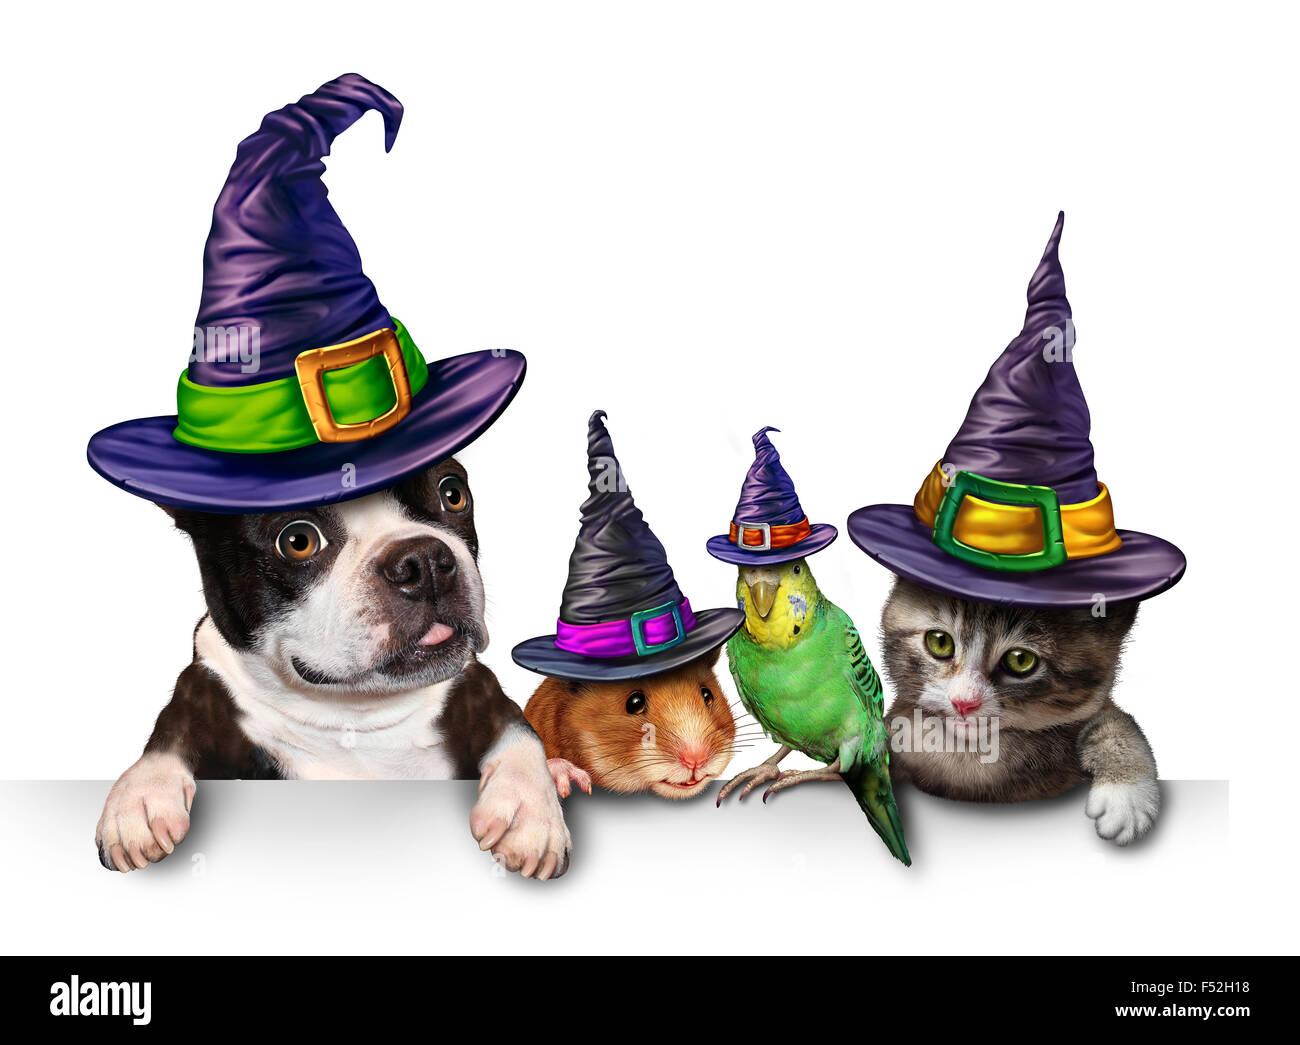 Halloween Pet firmar en blanco con un divertido gato feliz perro lindo hámster y budgie cada vistiendo un sombrero Imagen De Stock